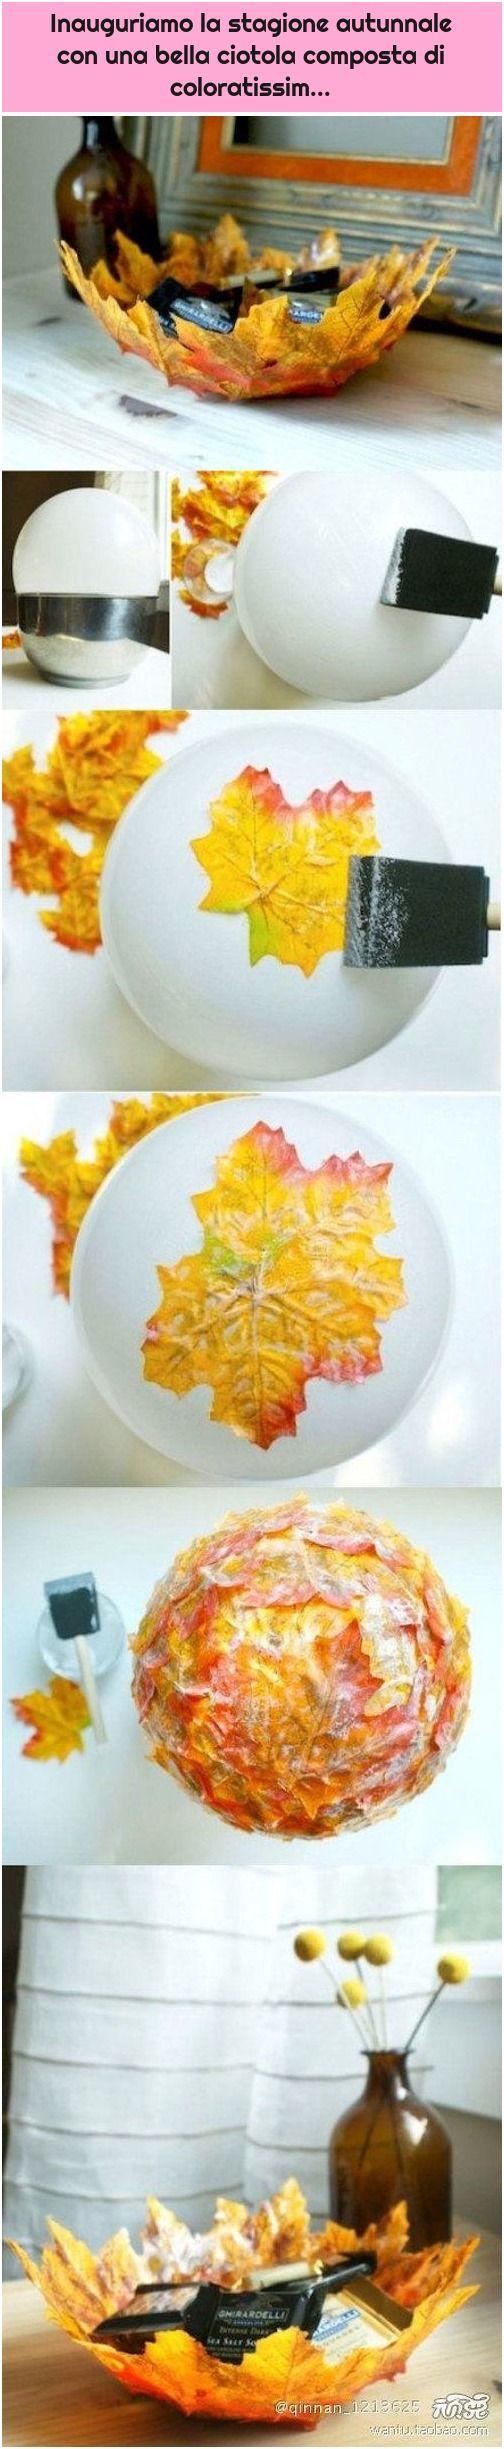 Inauguriamo la stagione autunnale con una bella ciotola composta di coloratissim...